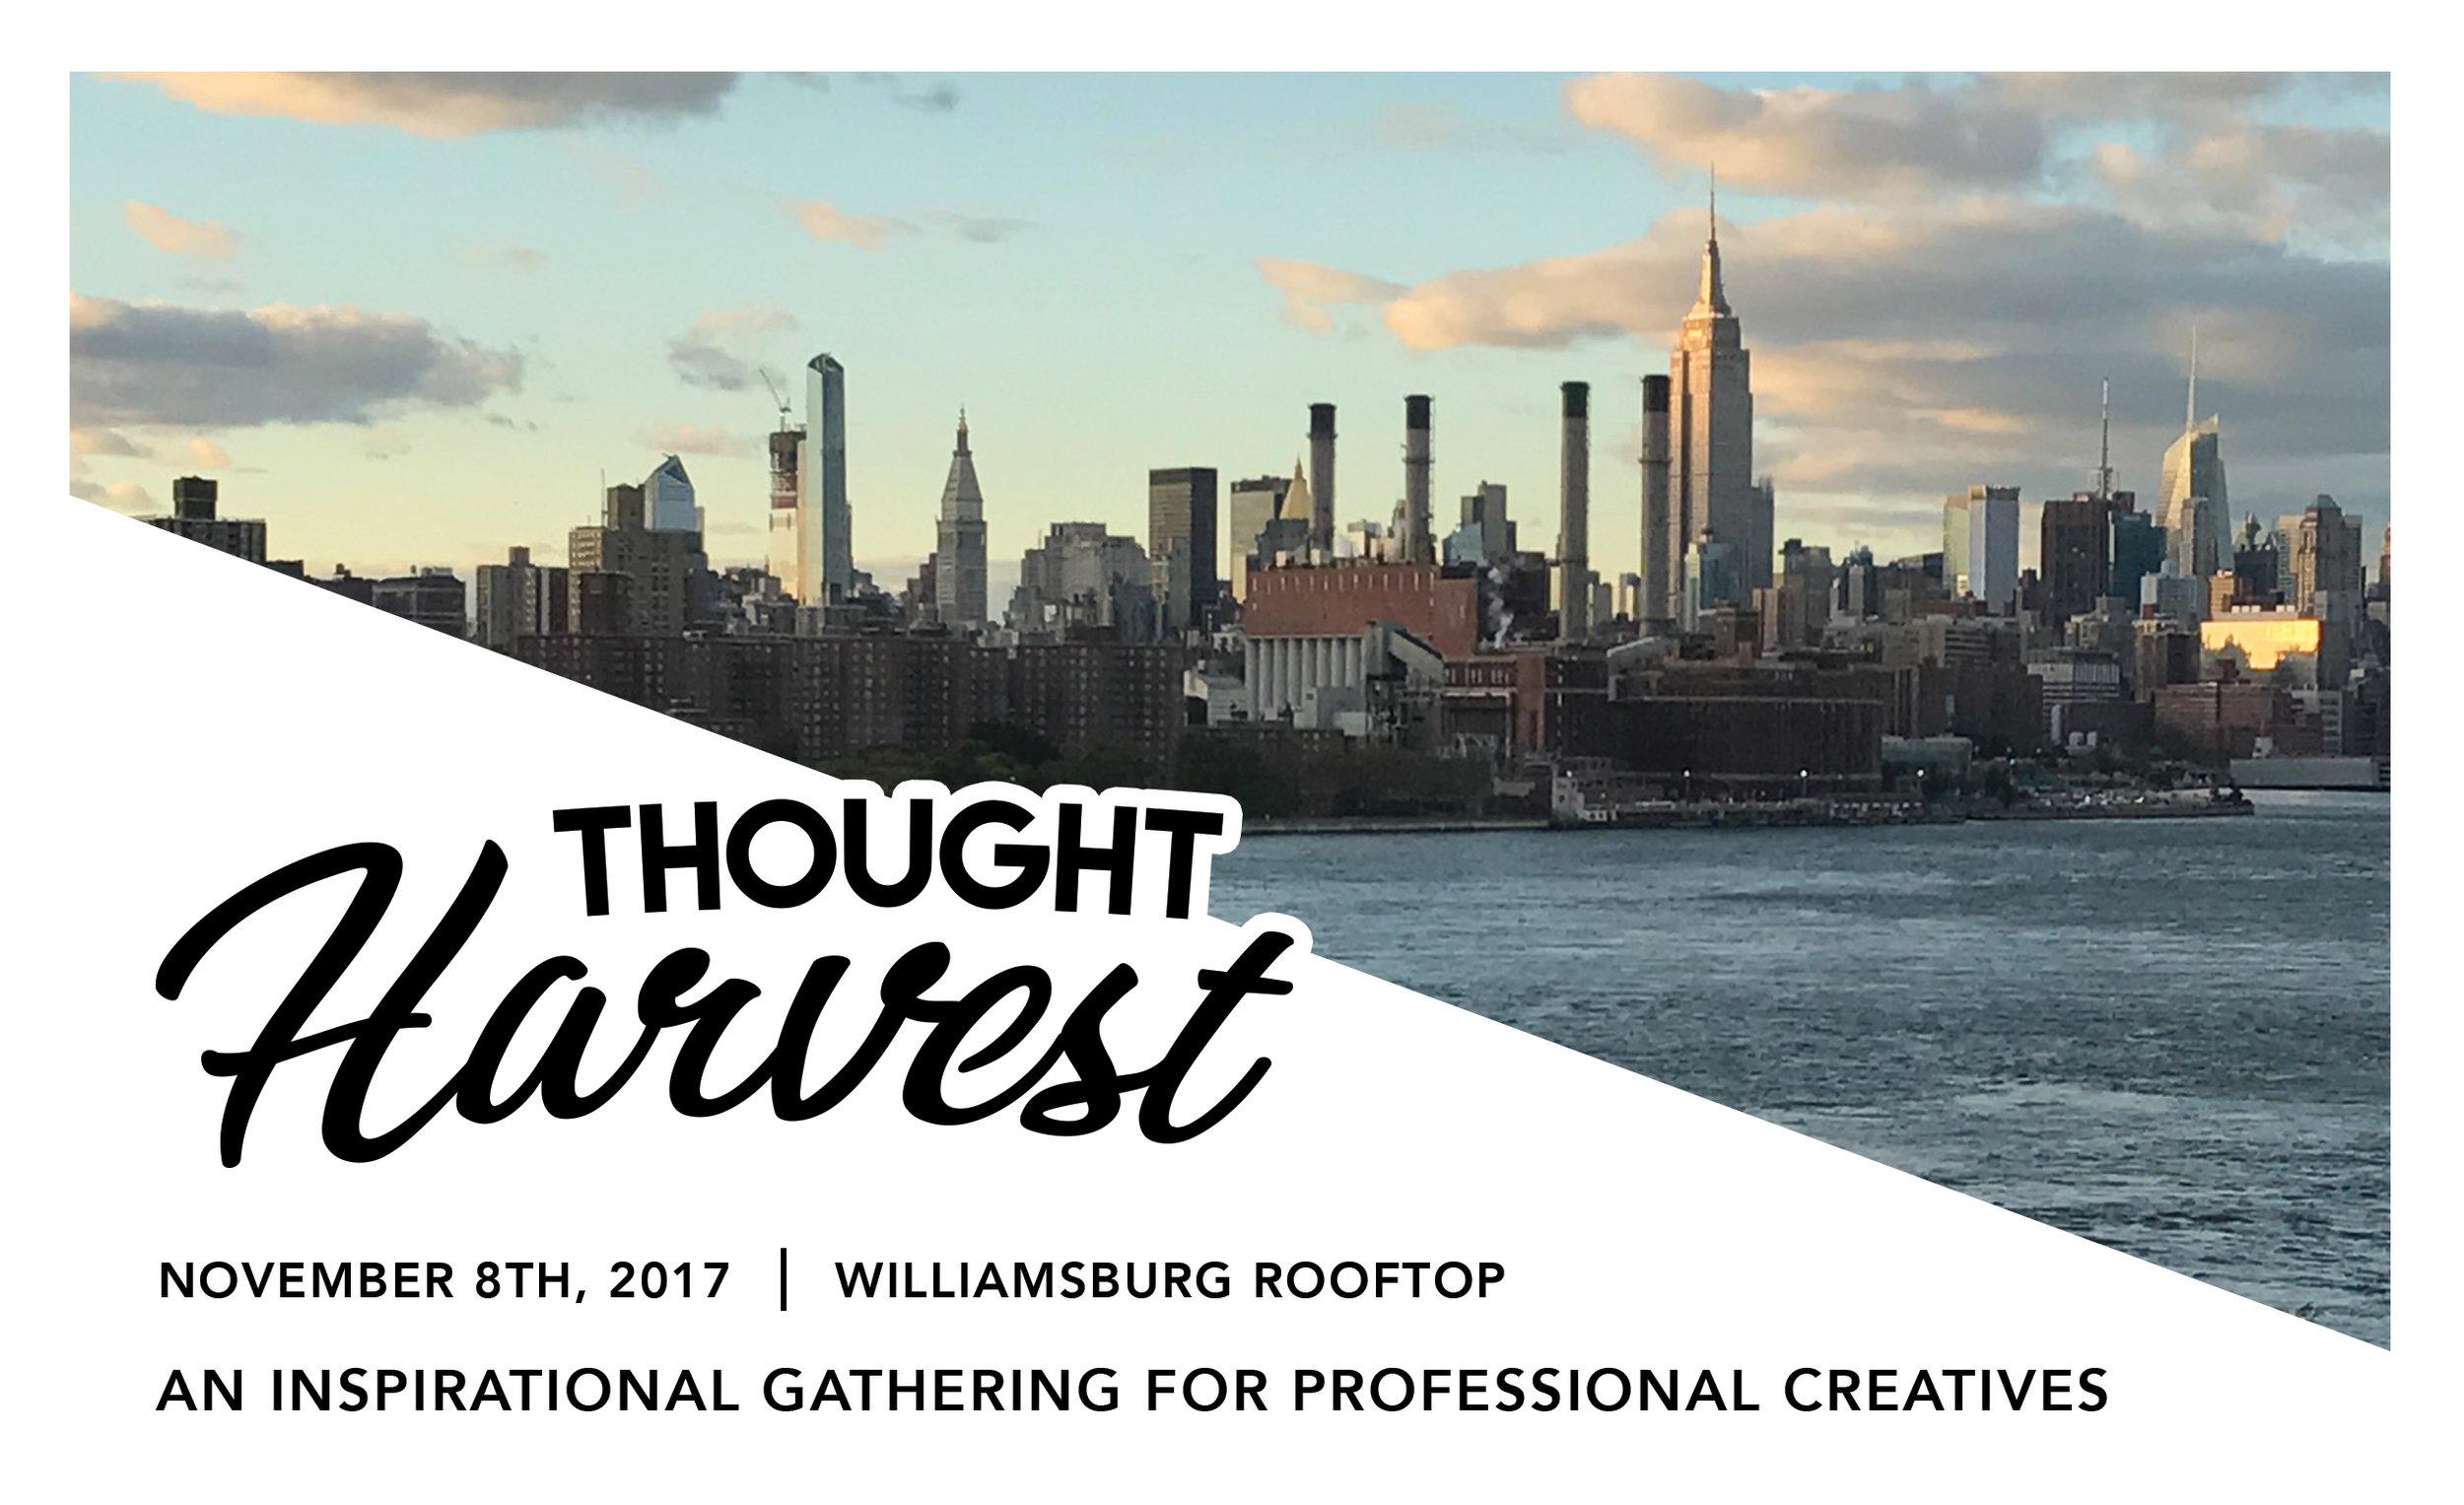 Thought-Harvest-Sponsorship-Cover.jpg